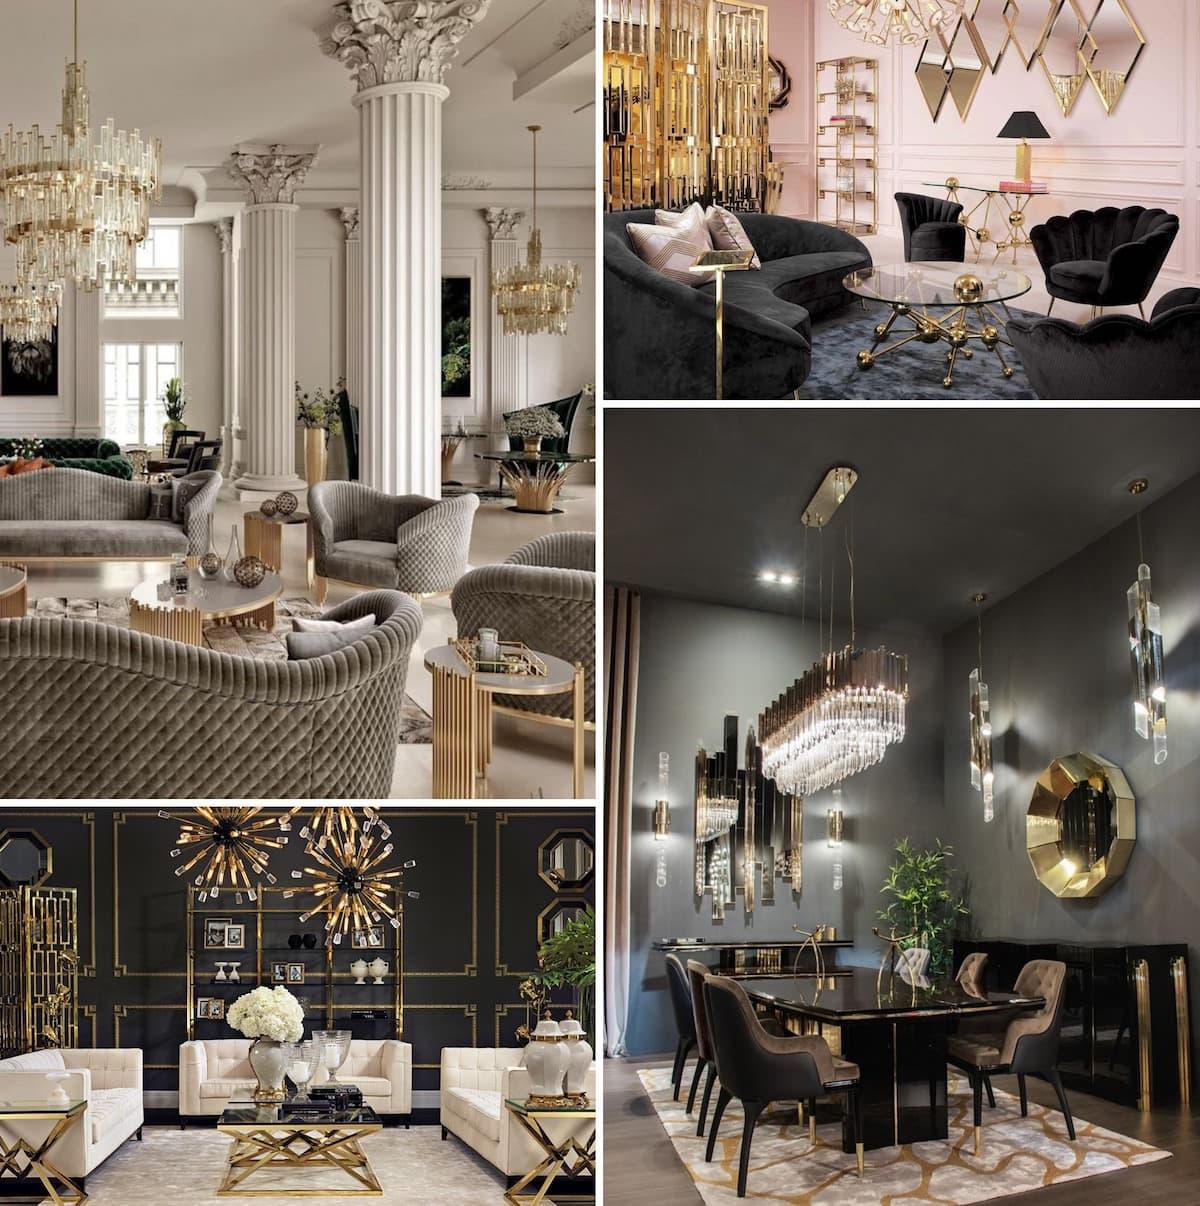 Идеи оформления гостиной в стиле арт-деко безграничны, главно не нарушить тонкую грань между роскошью и чувством меры